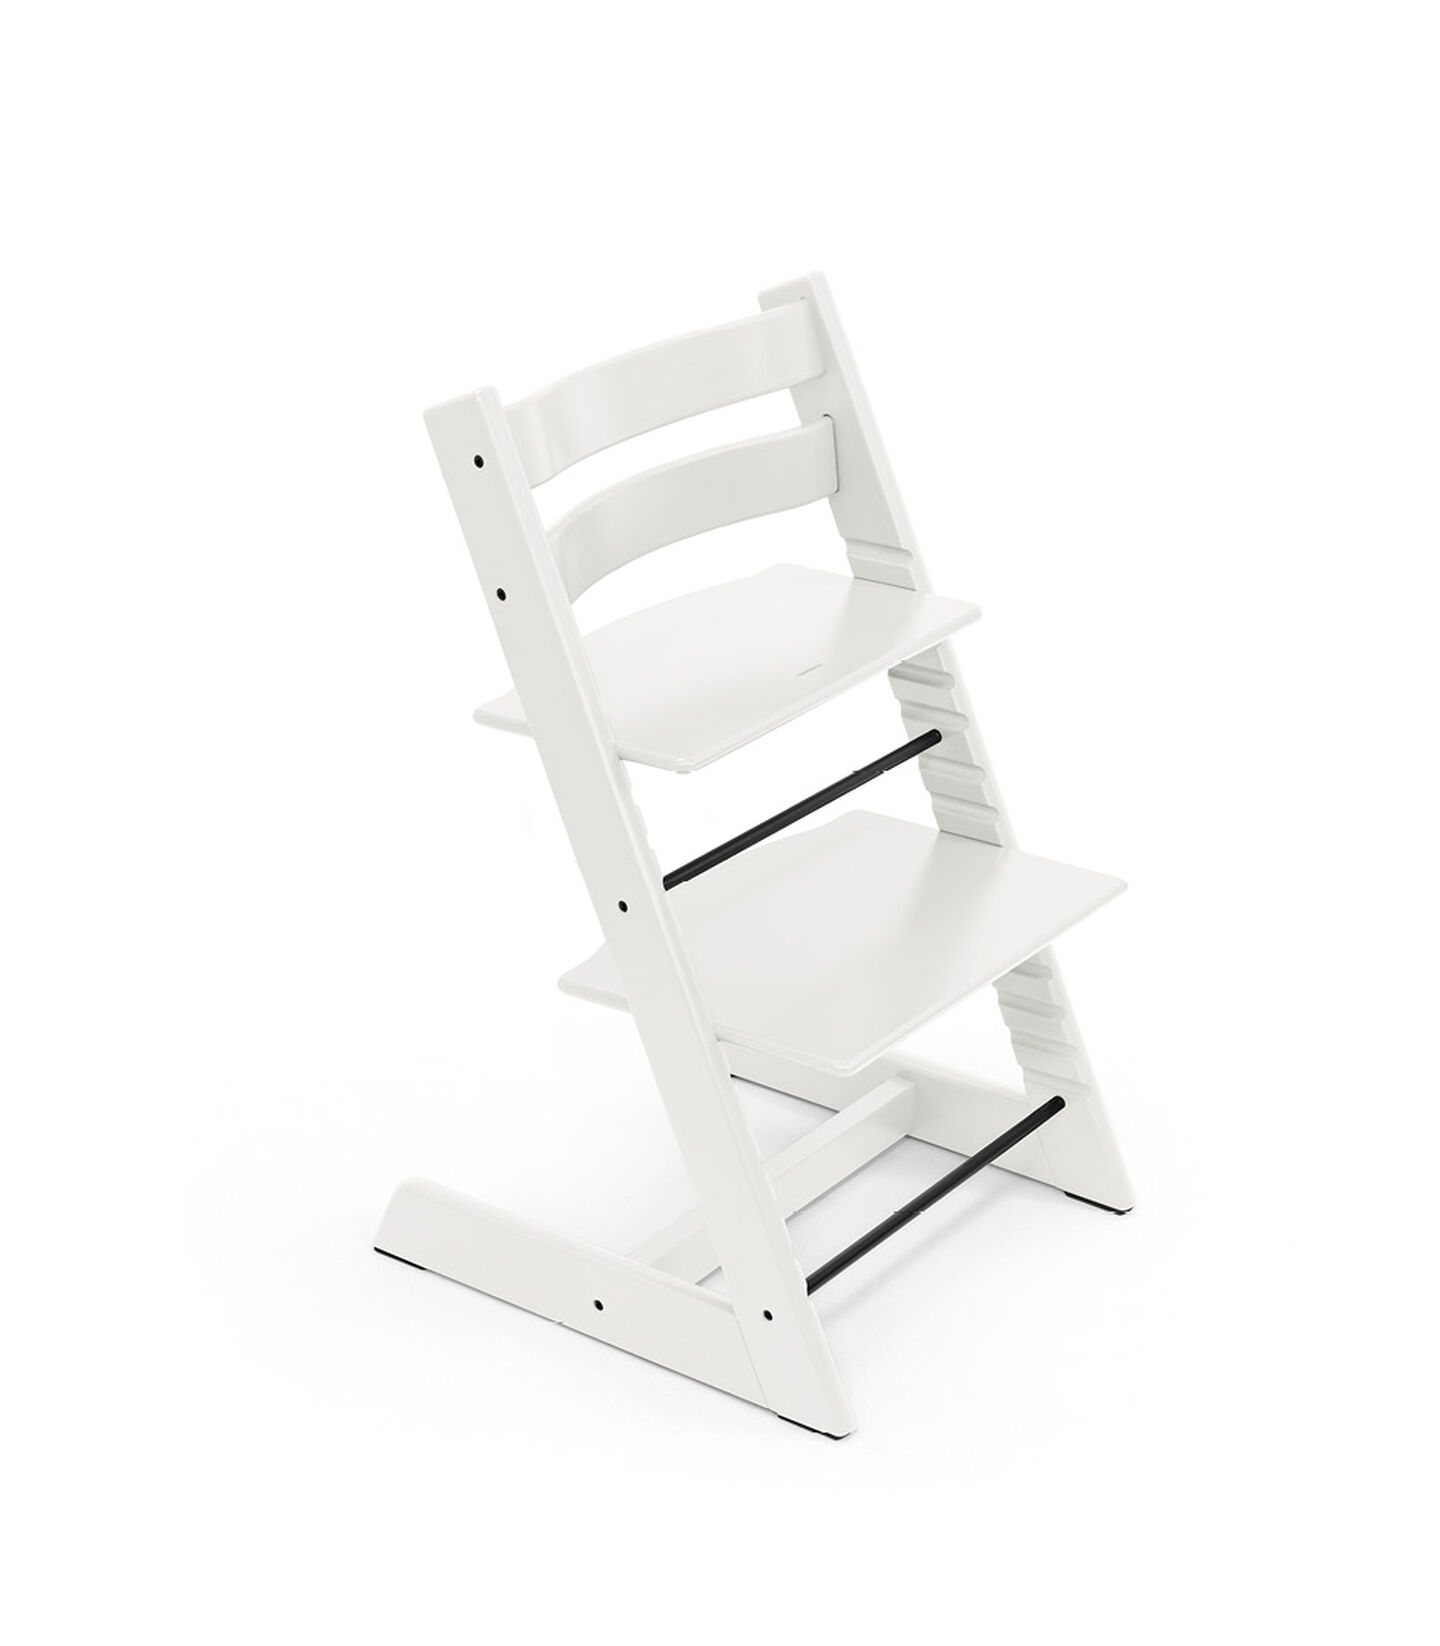 Tripp Trapp® Beyaz Sandalye, Beyaz, mainview view 1